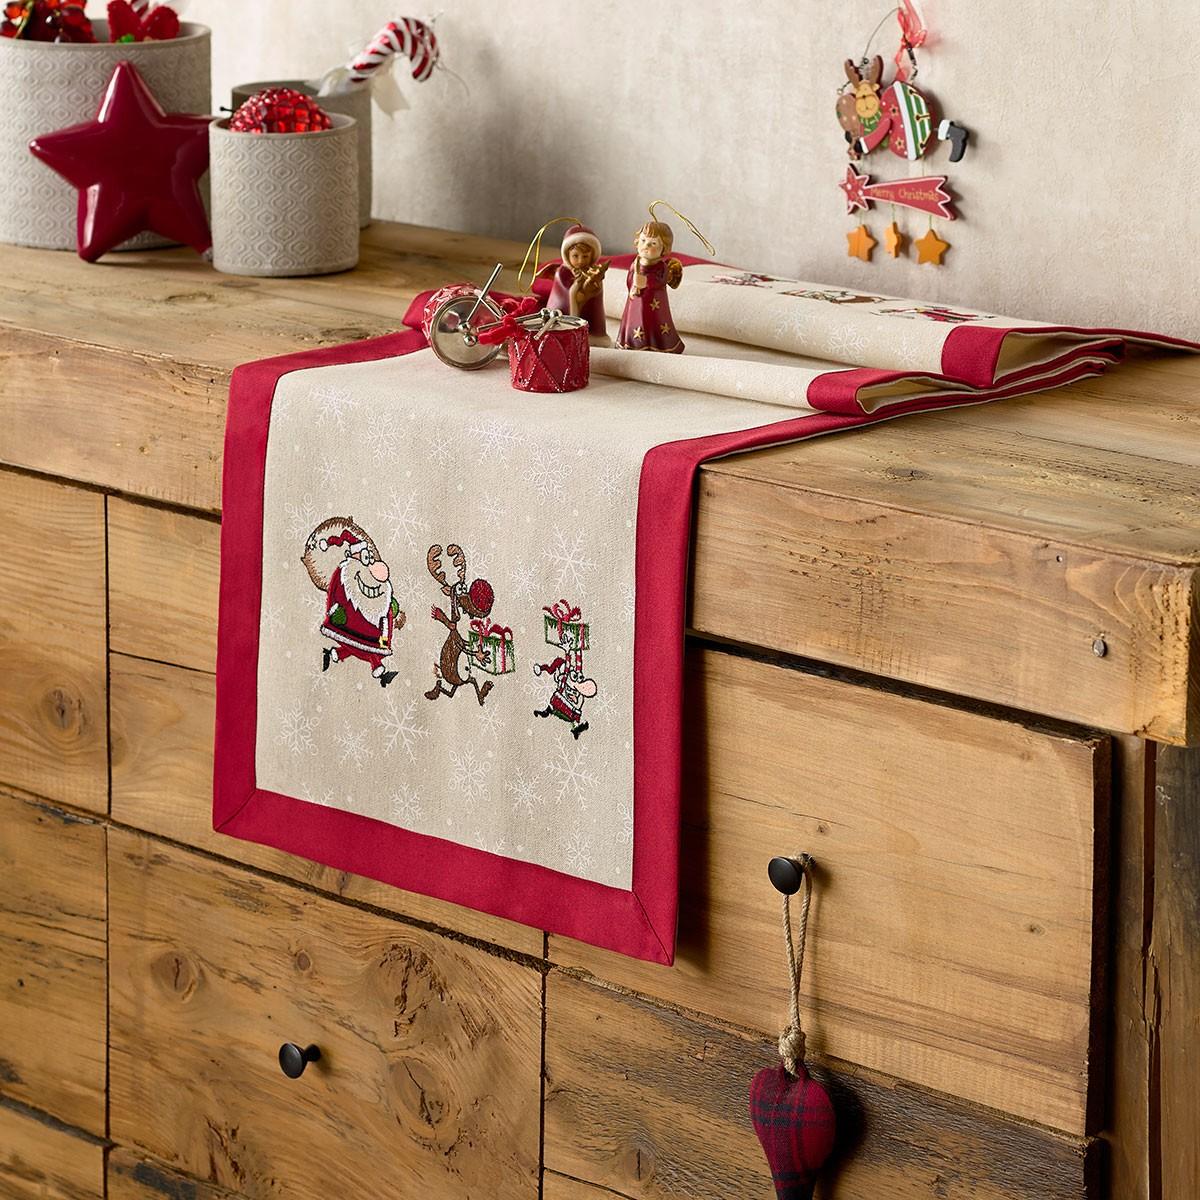 Χριστουγεννιάτικη Τραβέρσα Gofis Home 921